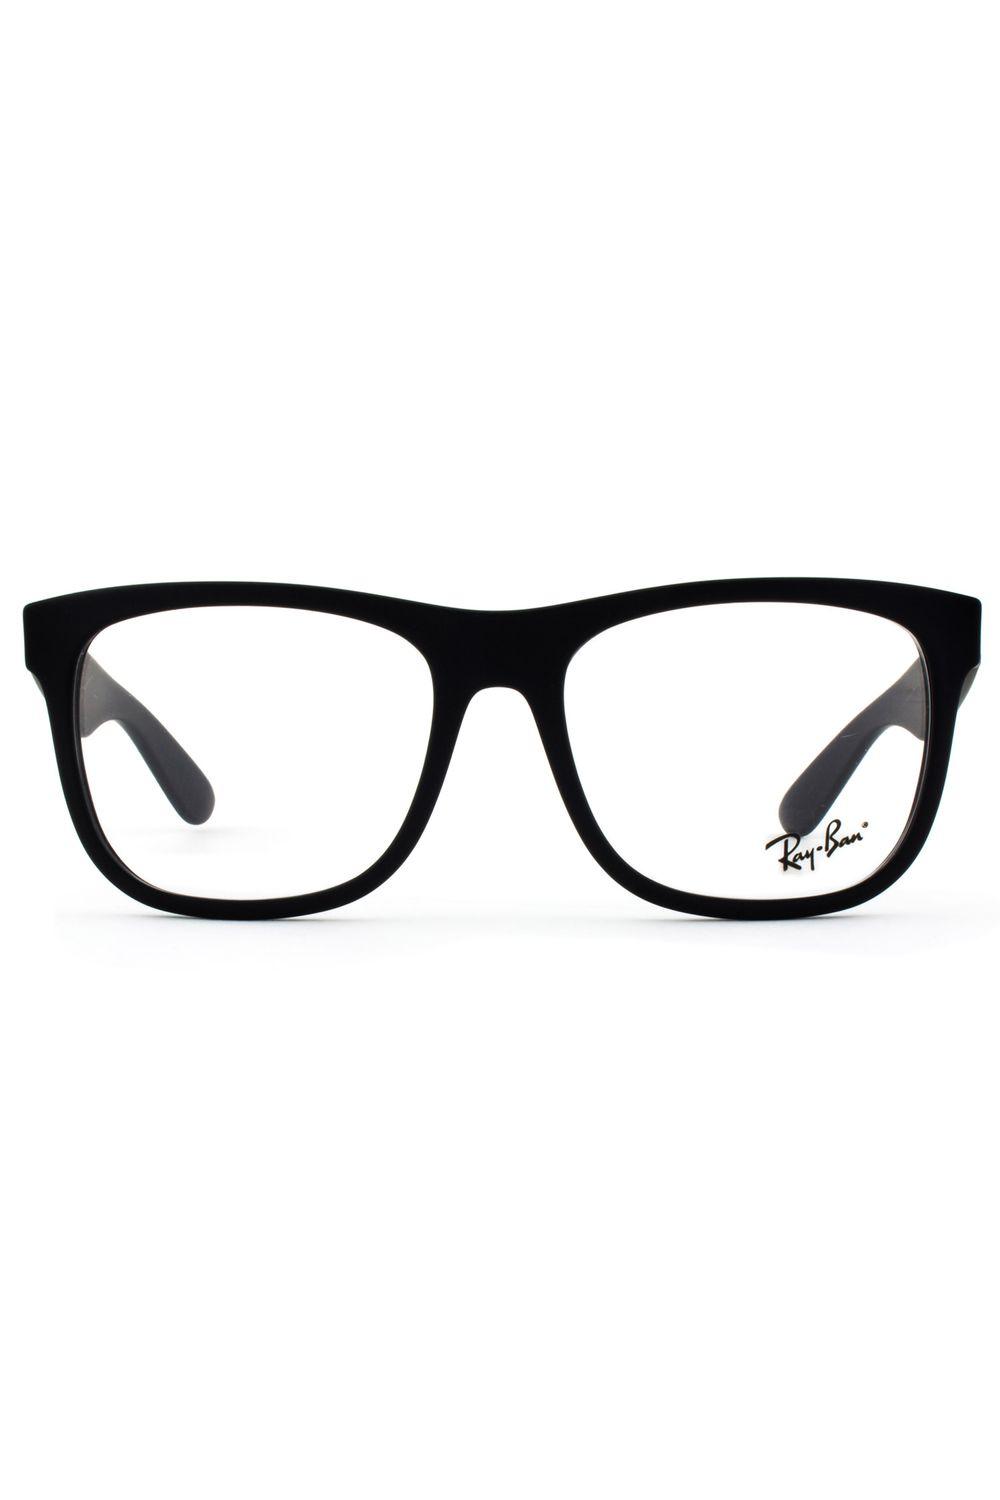 fc4b214151f6d Óculos de Grau Ray Ban Ennio RX7057L 5364-54 - Moda it